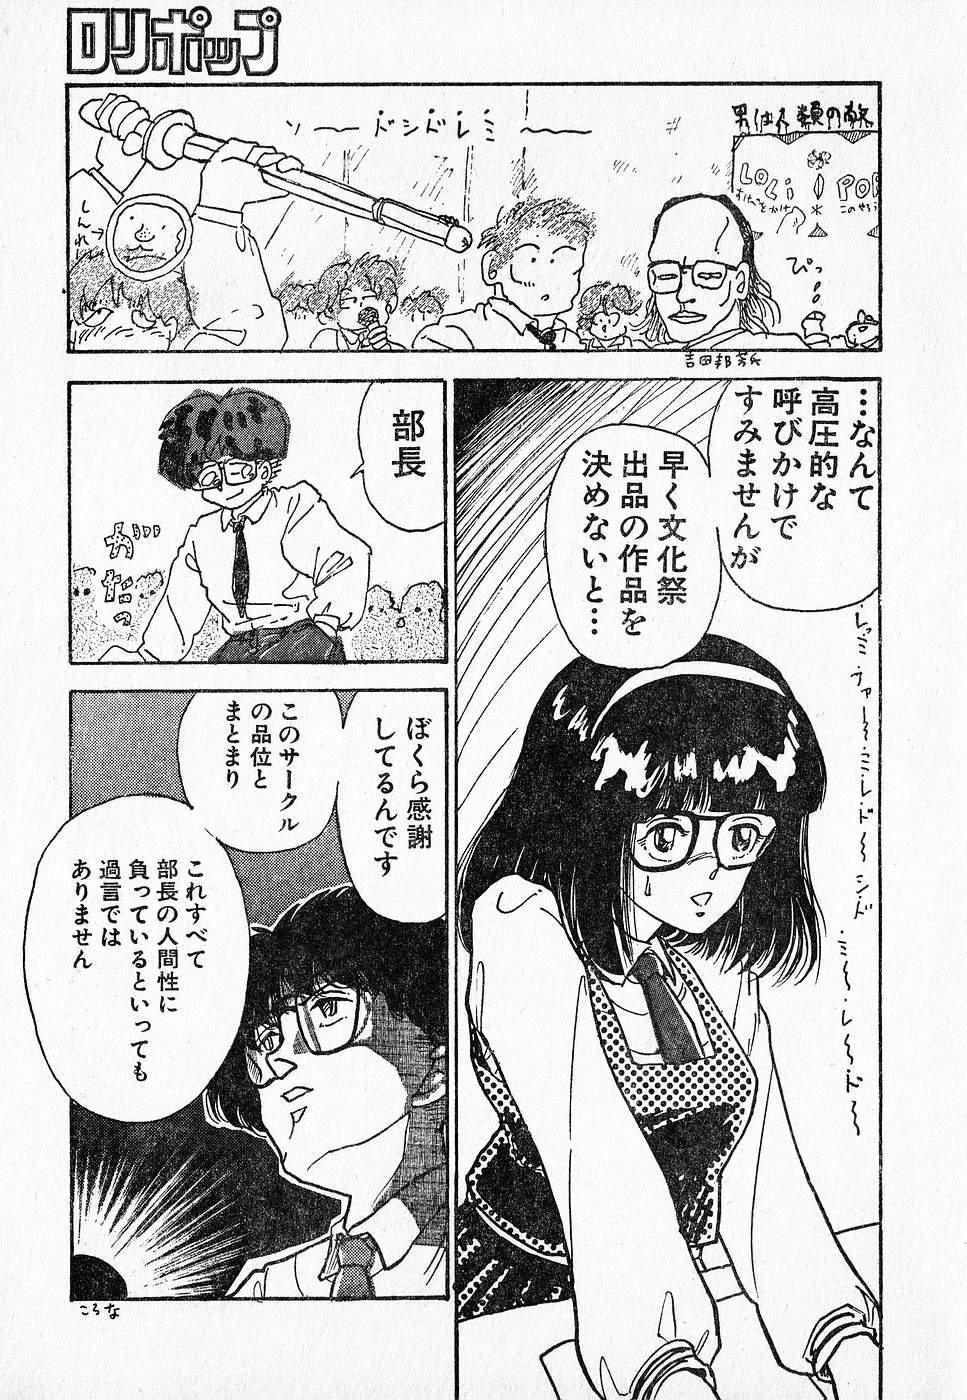 COMIC Lolipop 1985-10 Soukanjunbigou Aki 164